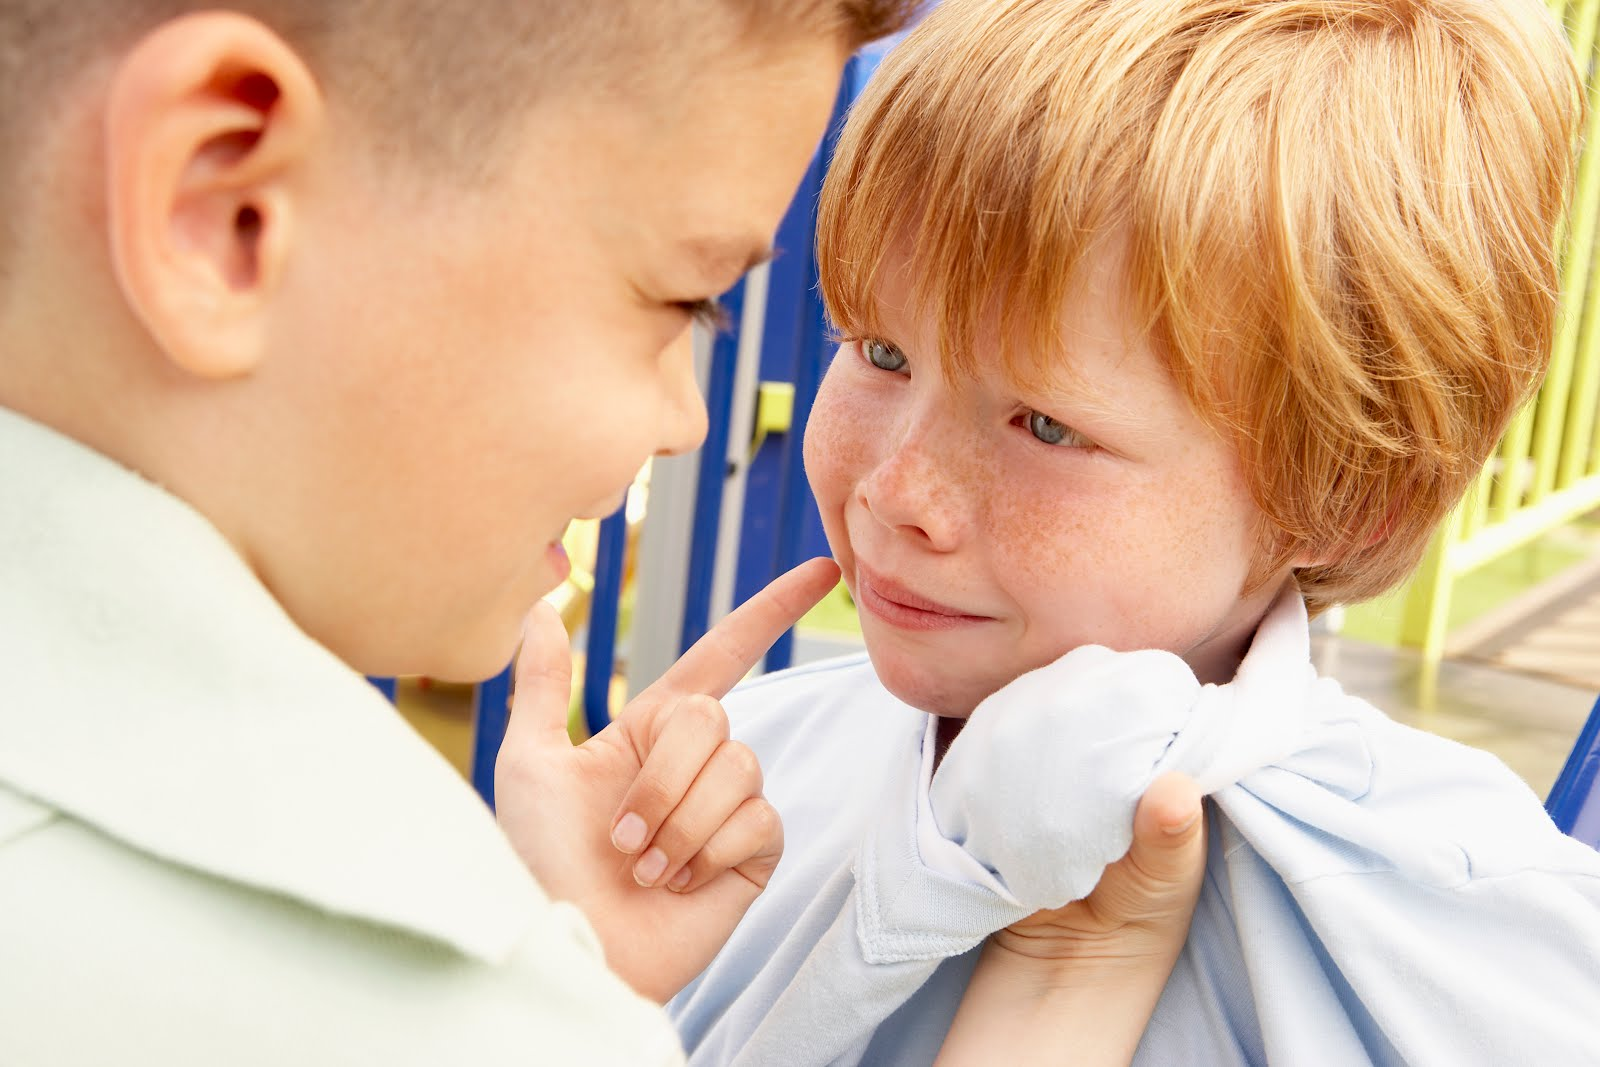 Que es el Bullying o Acoso Escolar? ~ Jóvenes Fe y Verdad